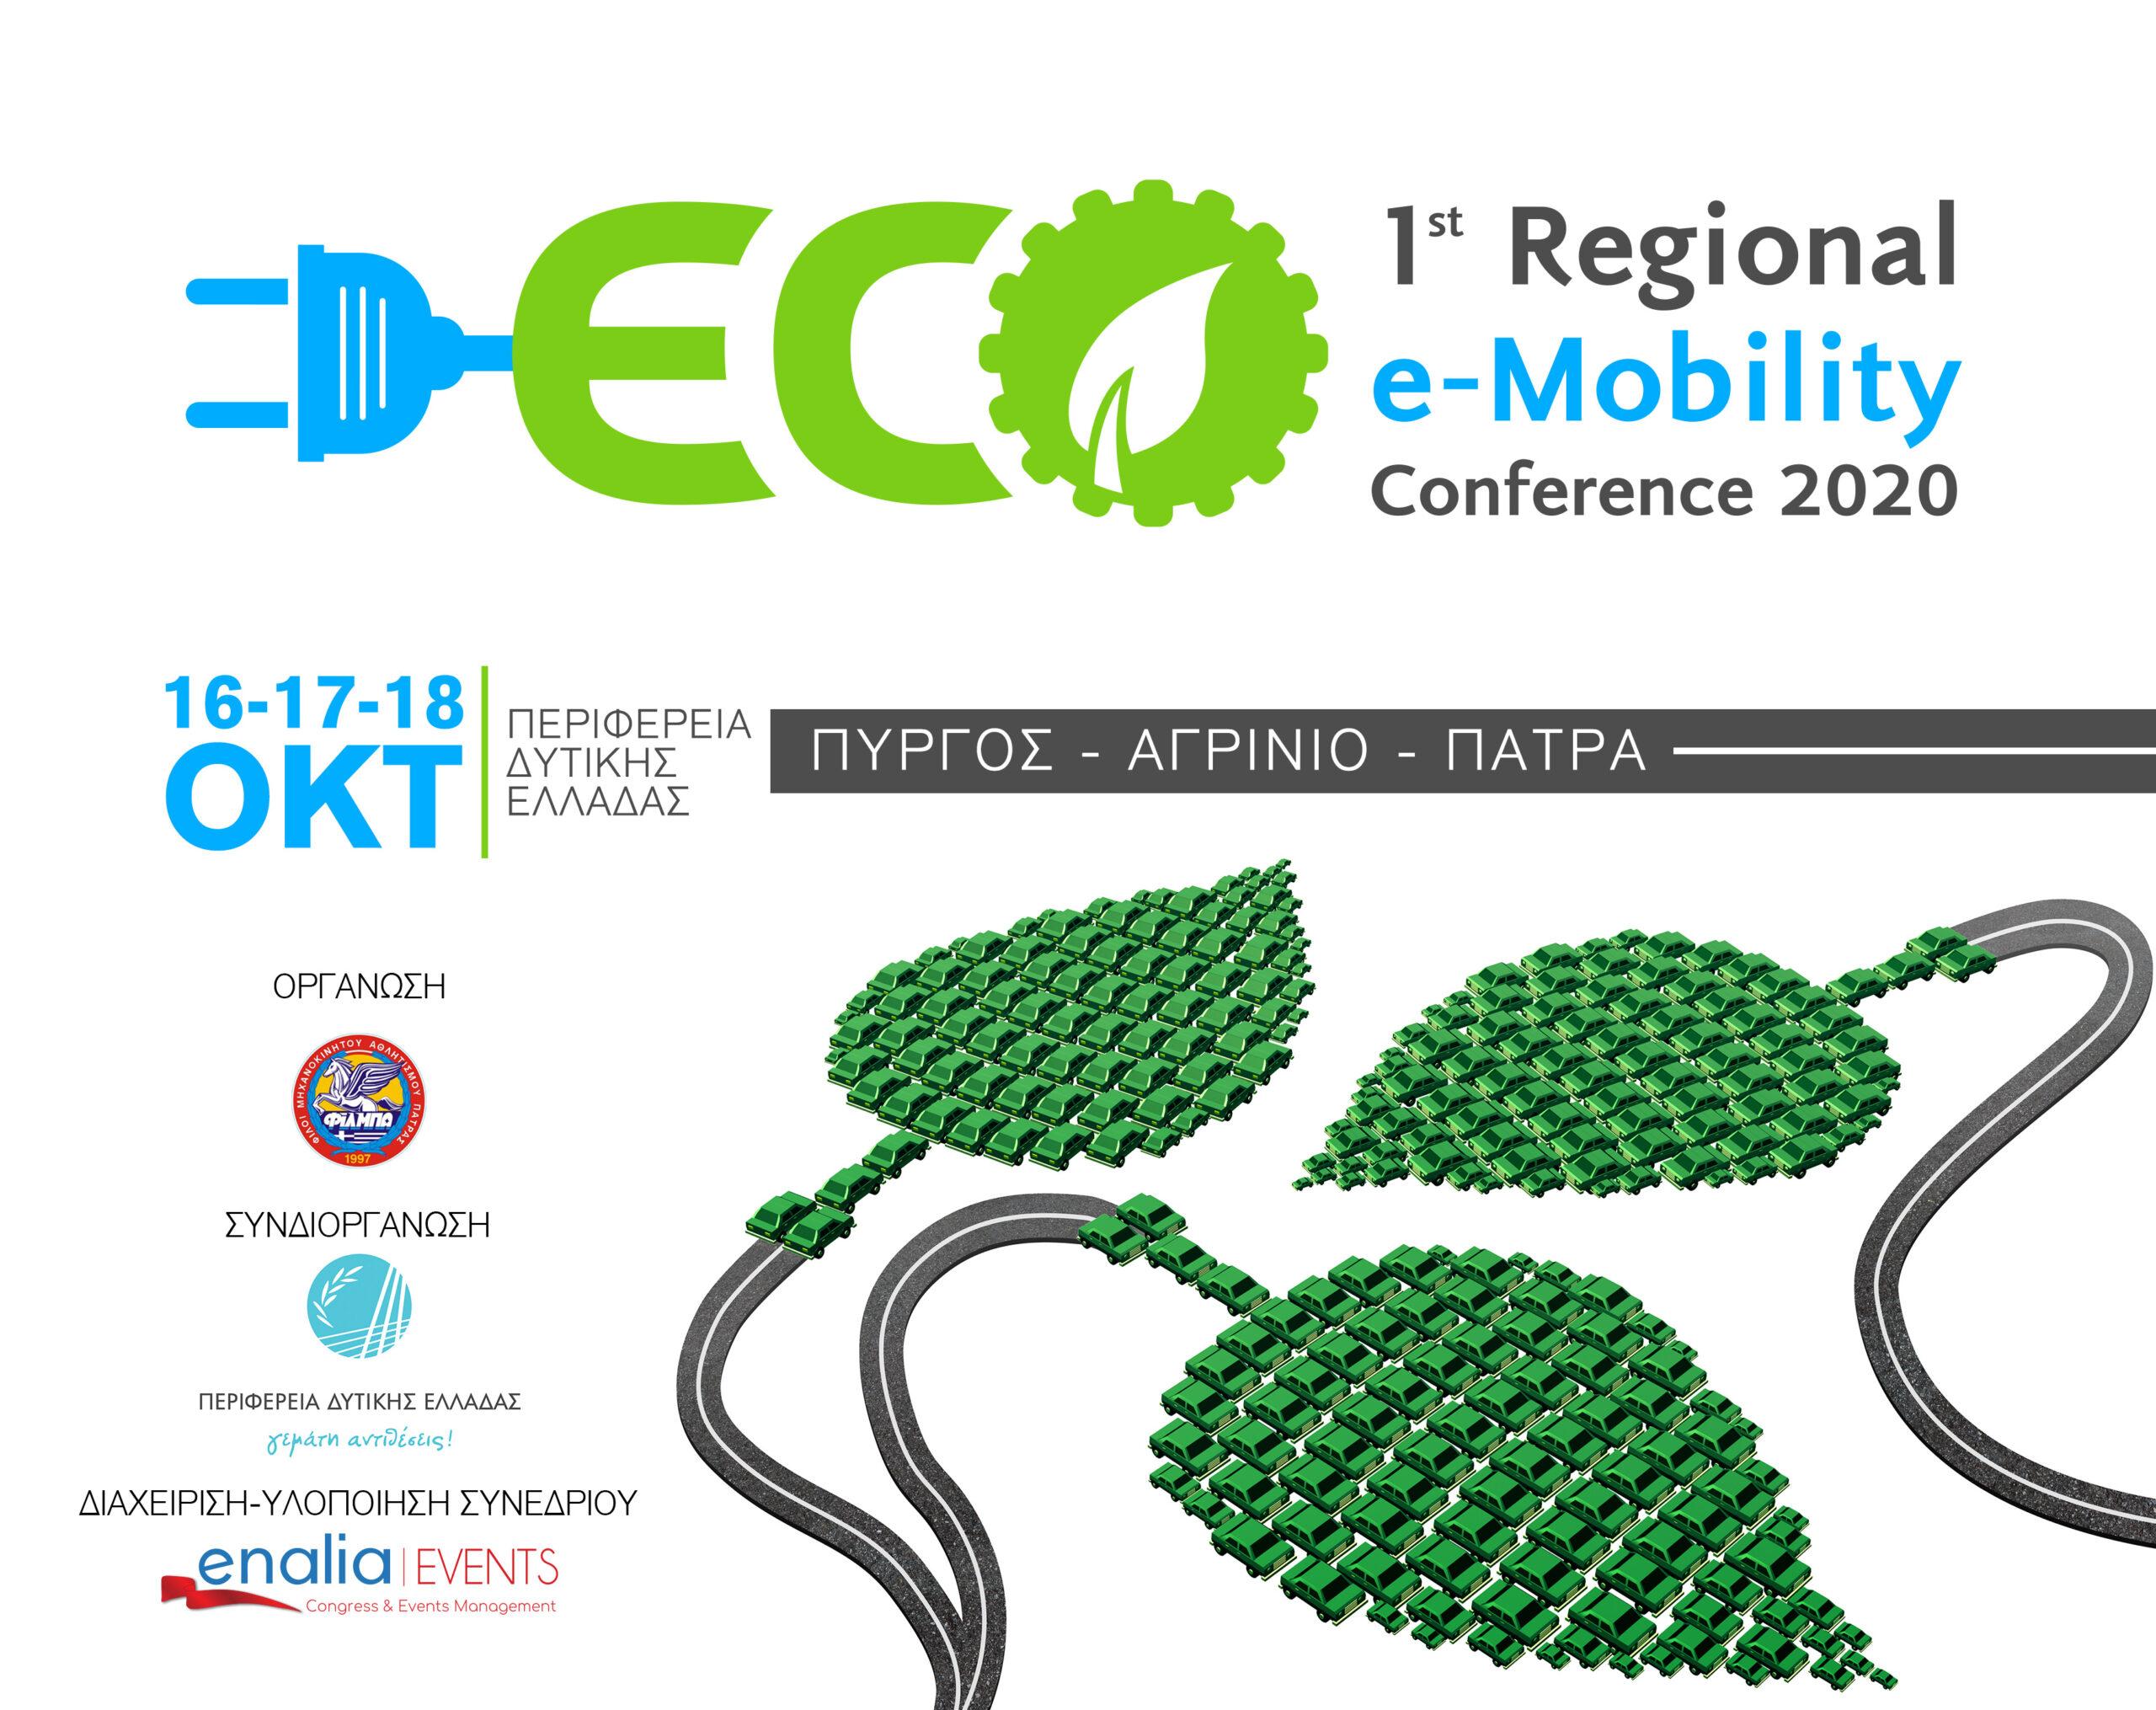 ΠΔΕ: Στις 16,17 και 18 Οκτωβρίου το 1ο Συνέδριο Ηλεκτροκίνησης Δυτικής Ελλάδας